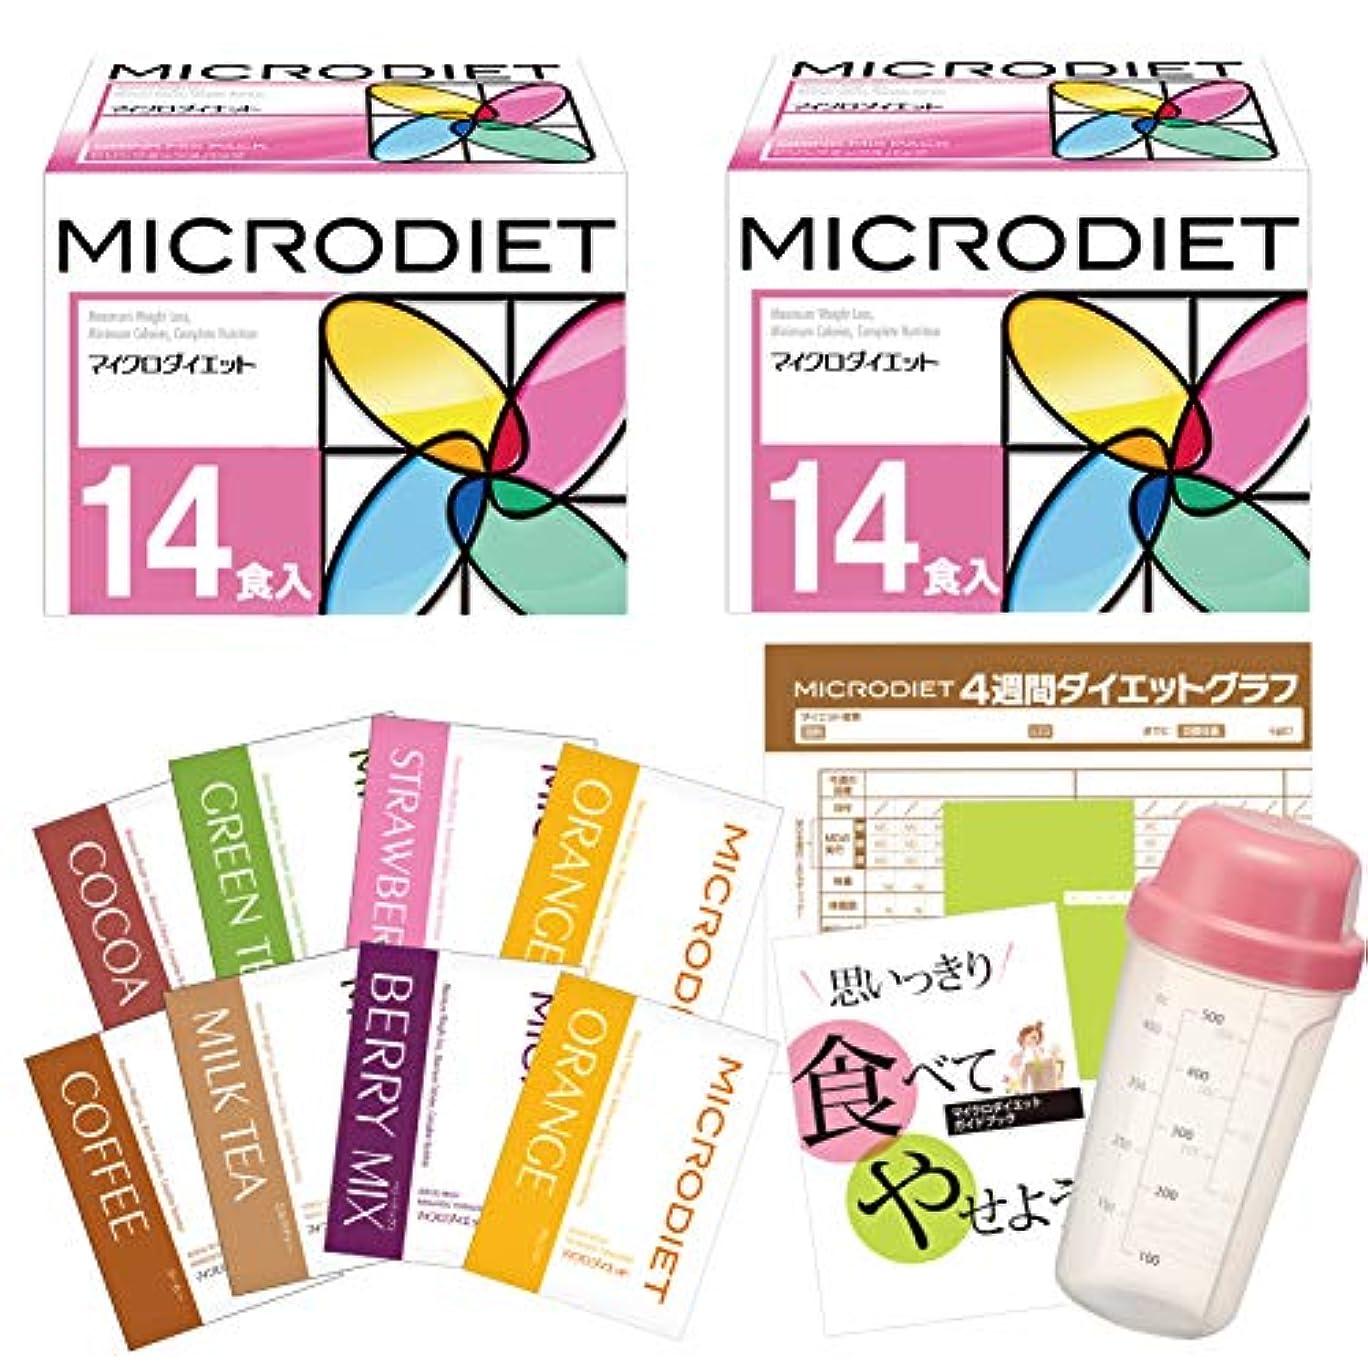 発生器キャスト誓うマイクロダイエット2箱+8食セット(初回特典付き):ドリンク2箱【06AMA2-0000022】